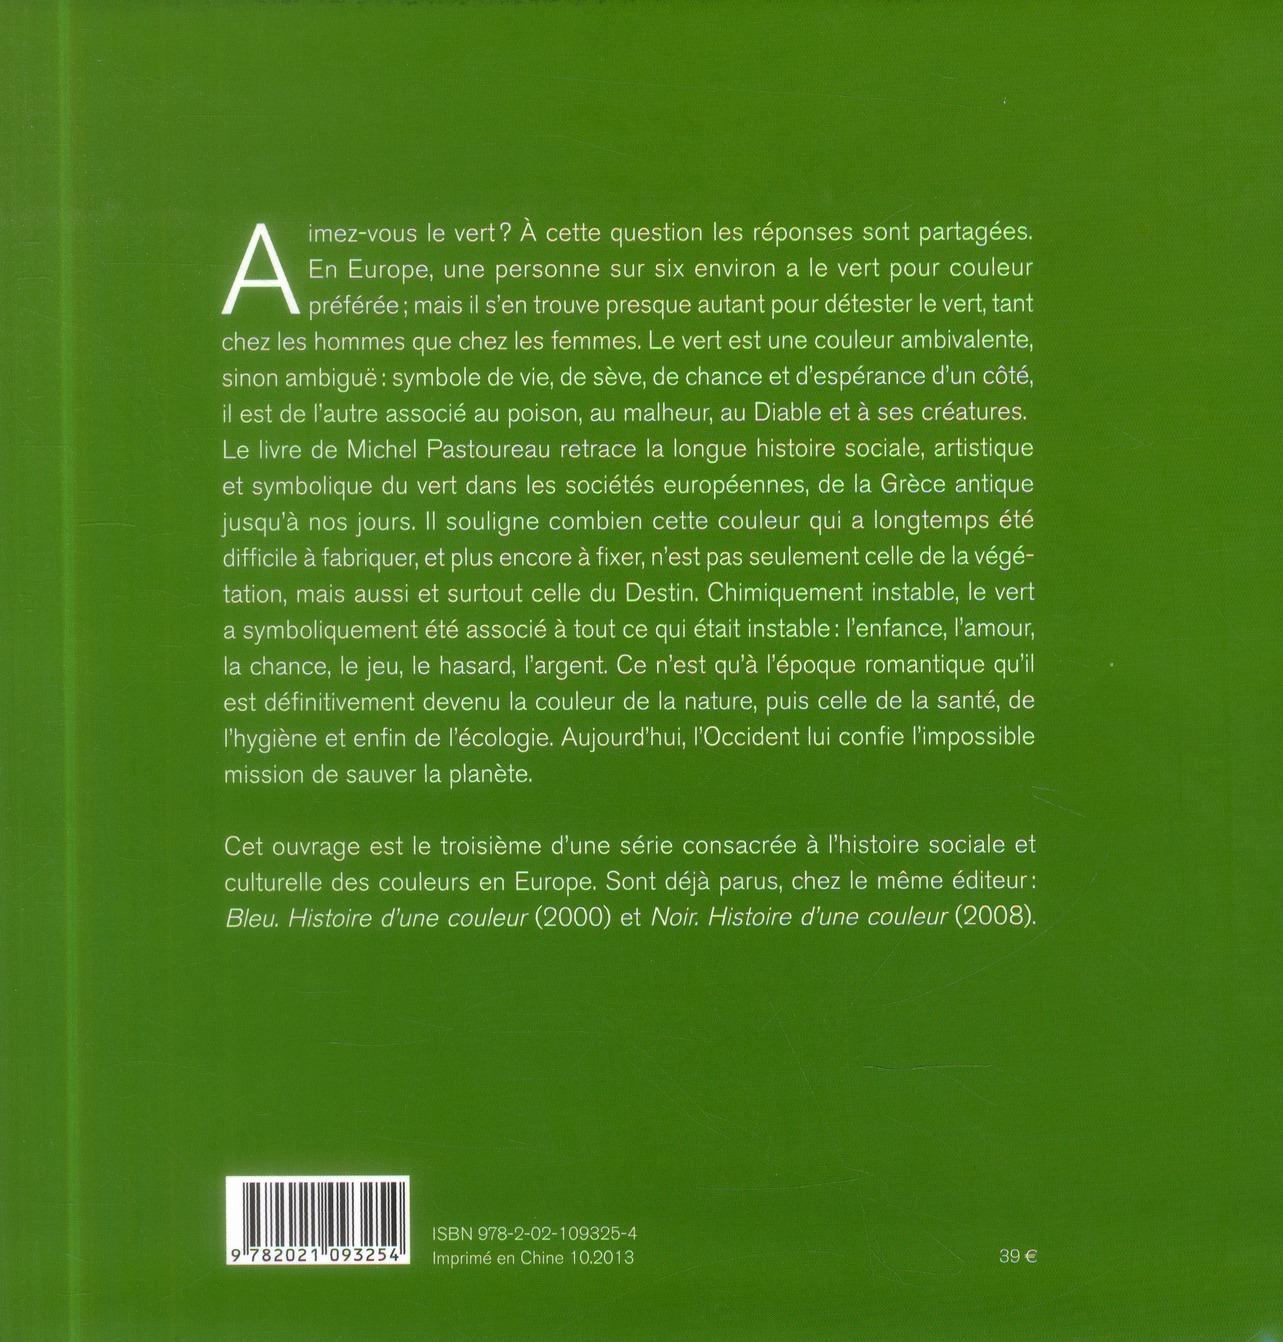 vert ; histoire d'une couleur